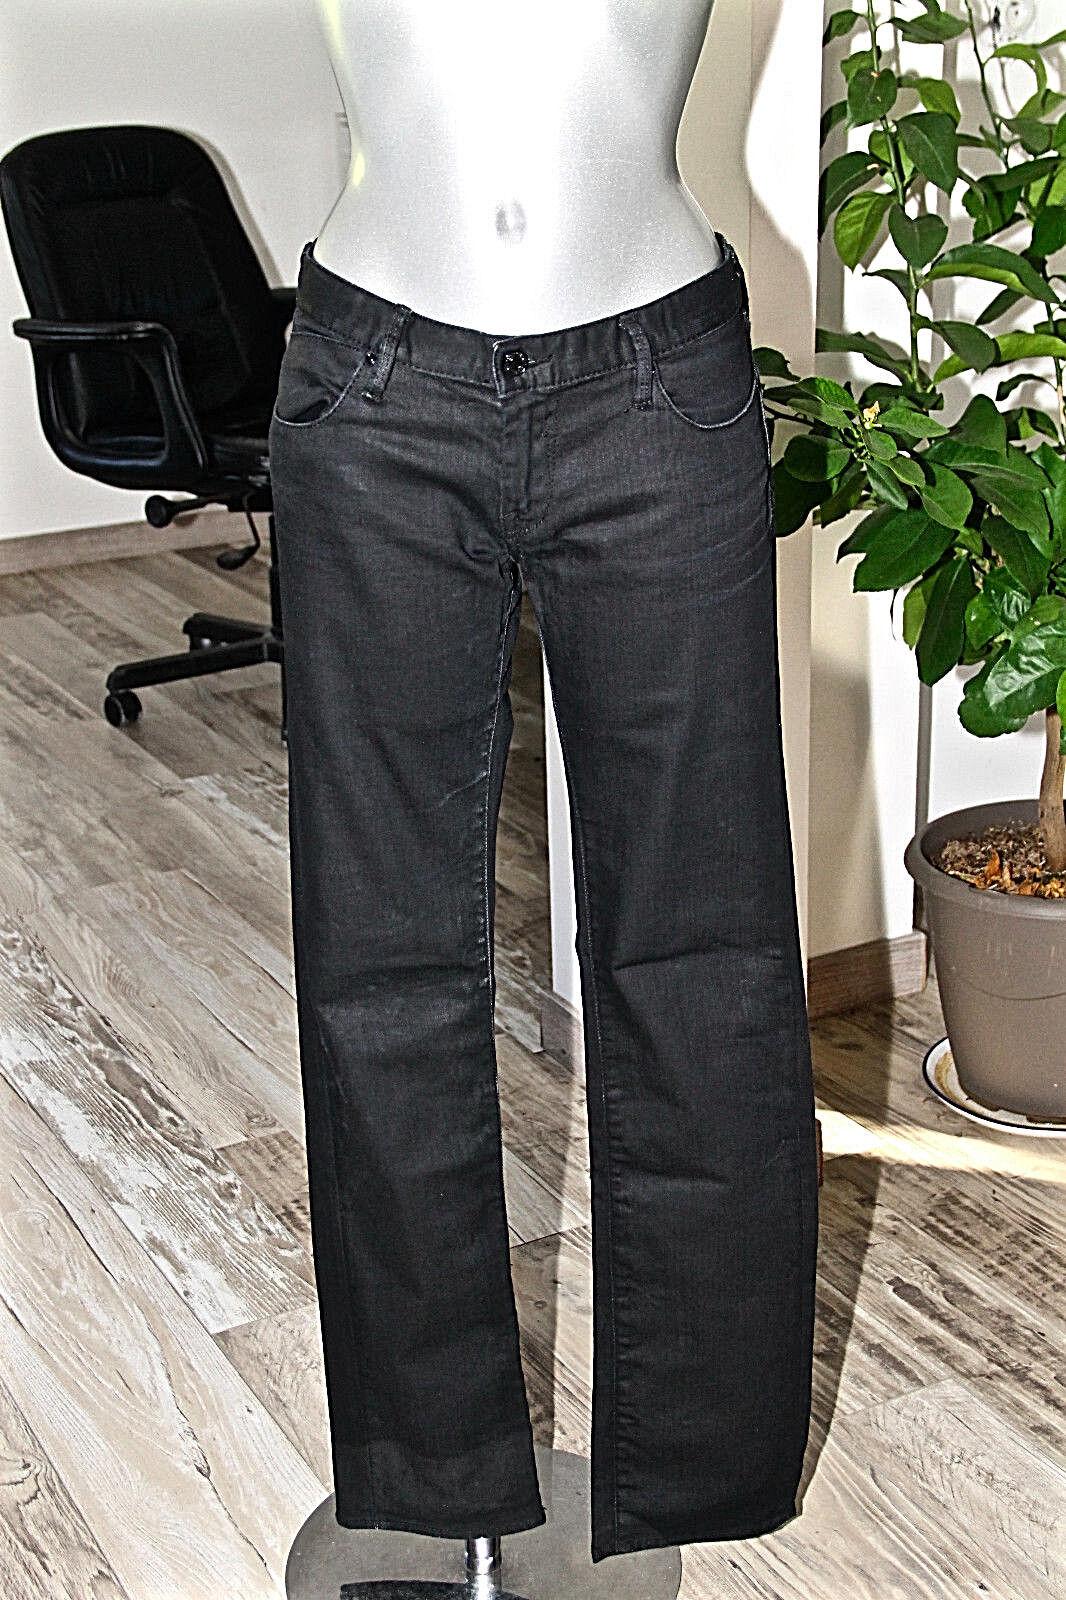 Jeans nero cerati oleato donna donna donna LE TEMPS DES CERISES 210 el clarke Taglia W29 8148bd